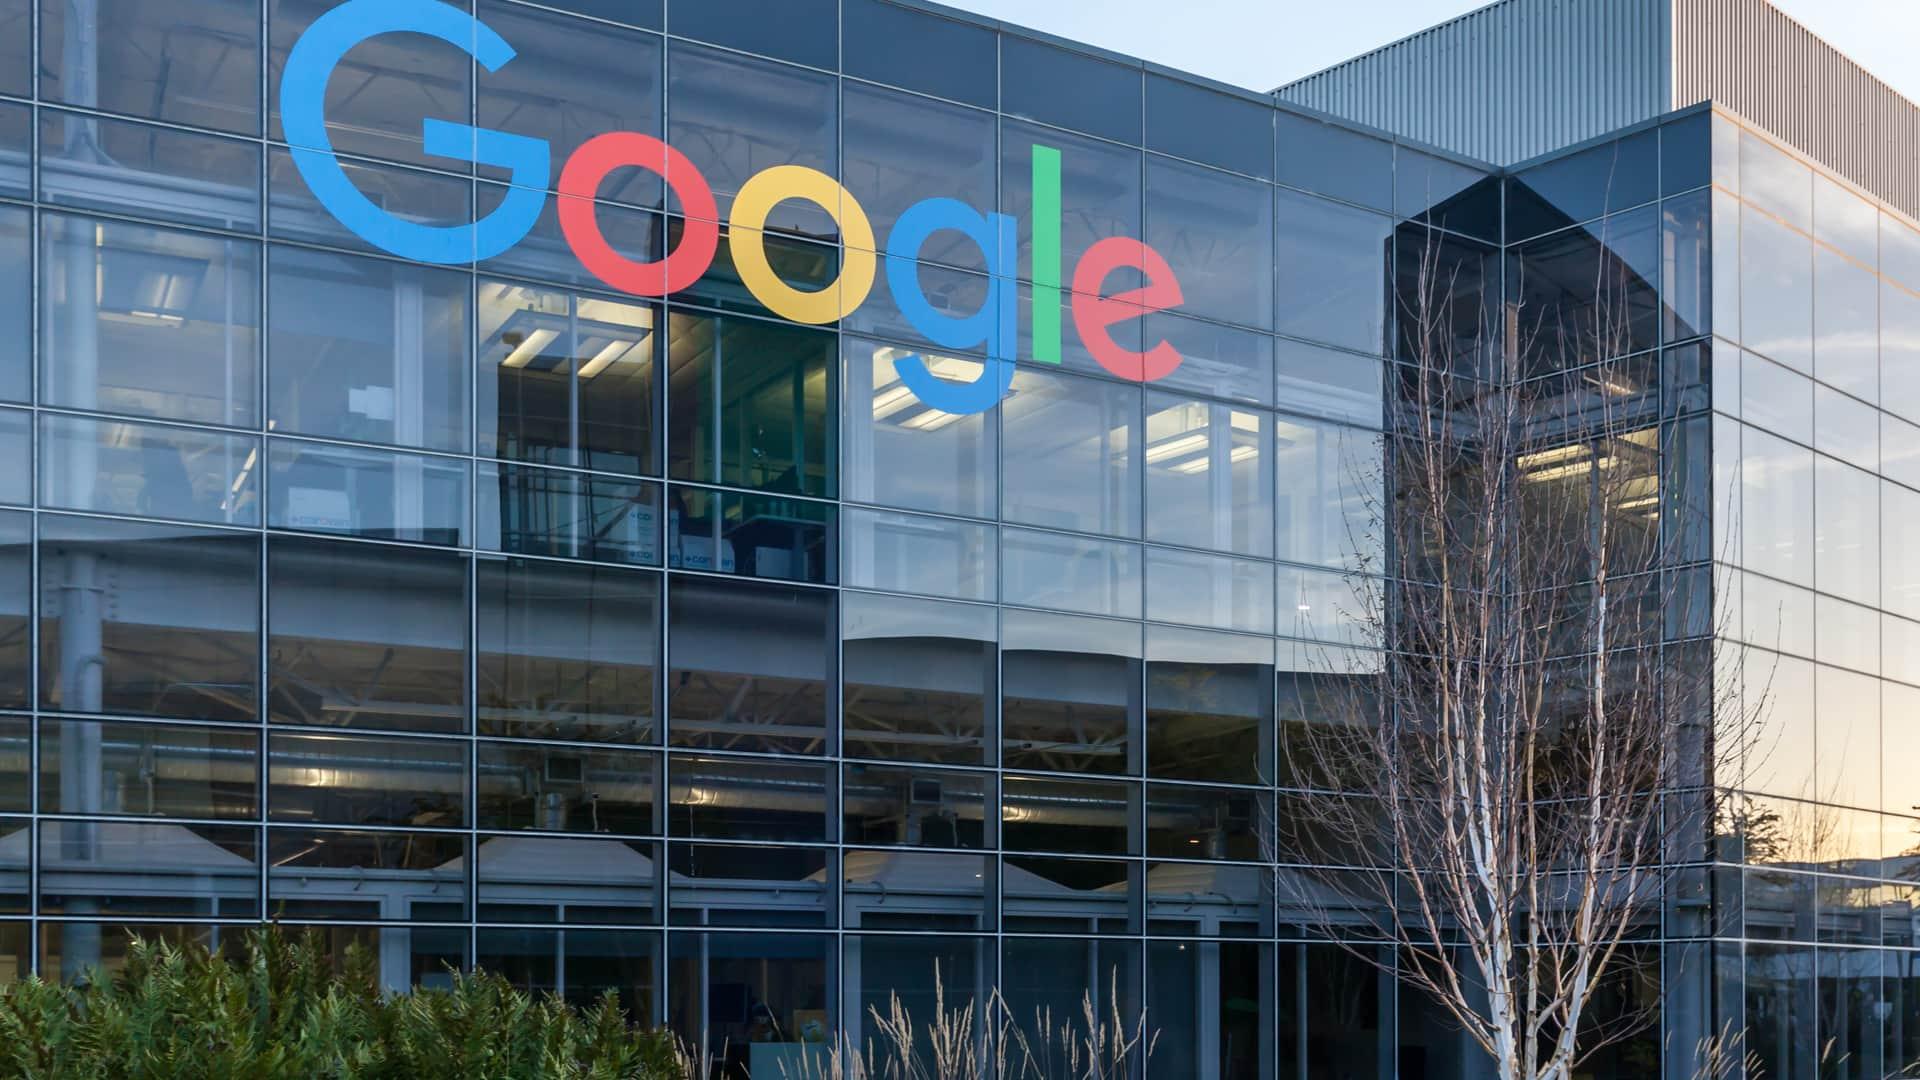 Tasa Google: el nuevo impuesto sobre servicios digitales